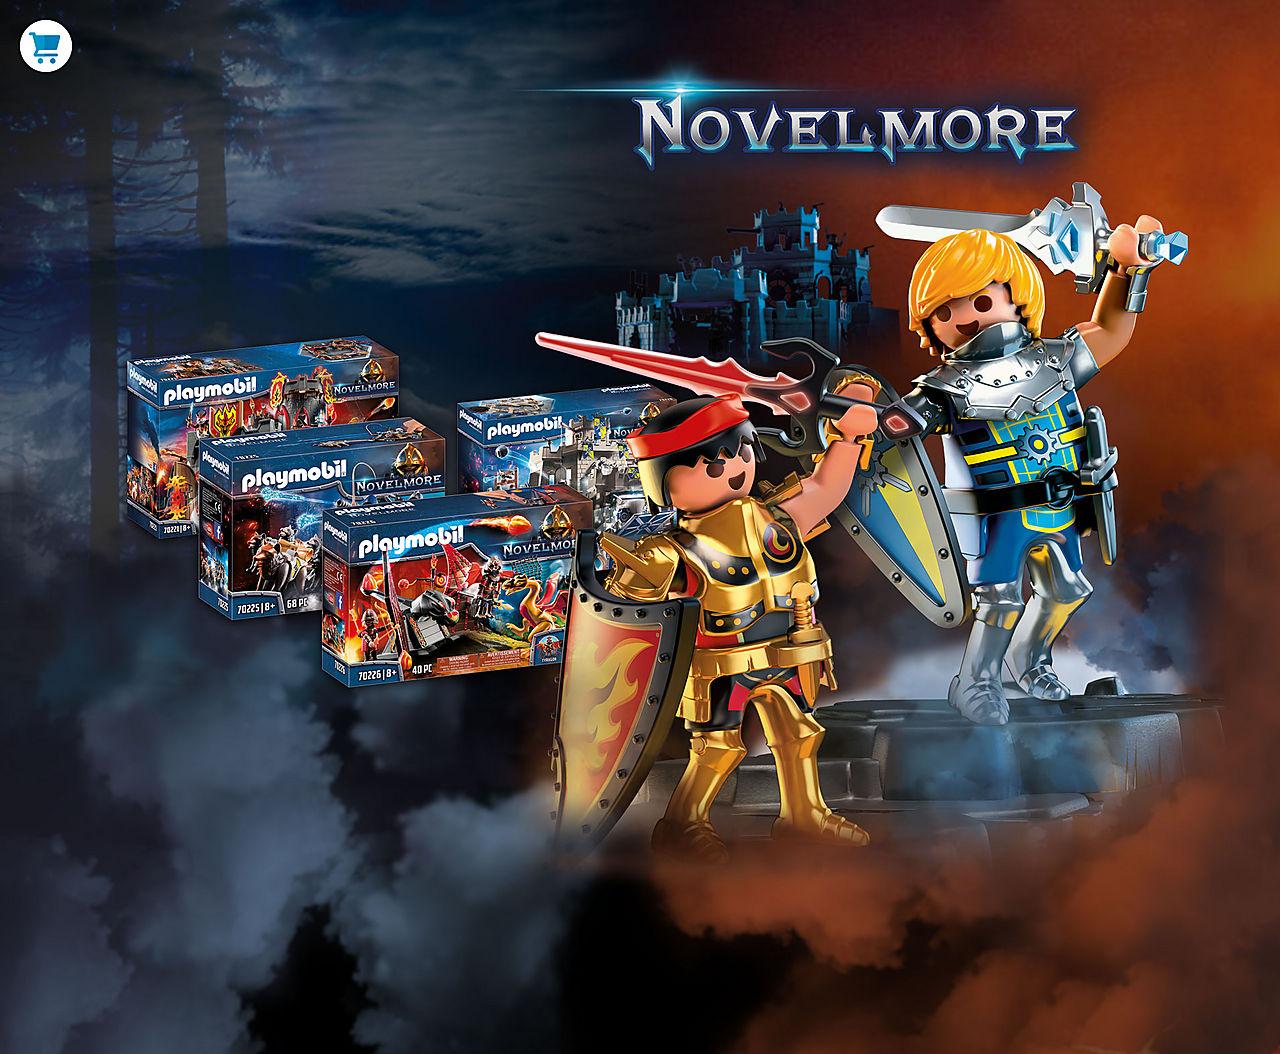 Novelmore Products